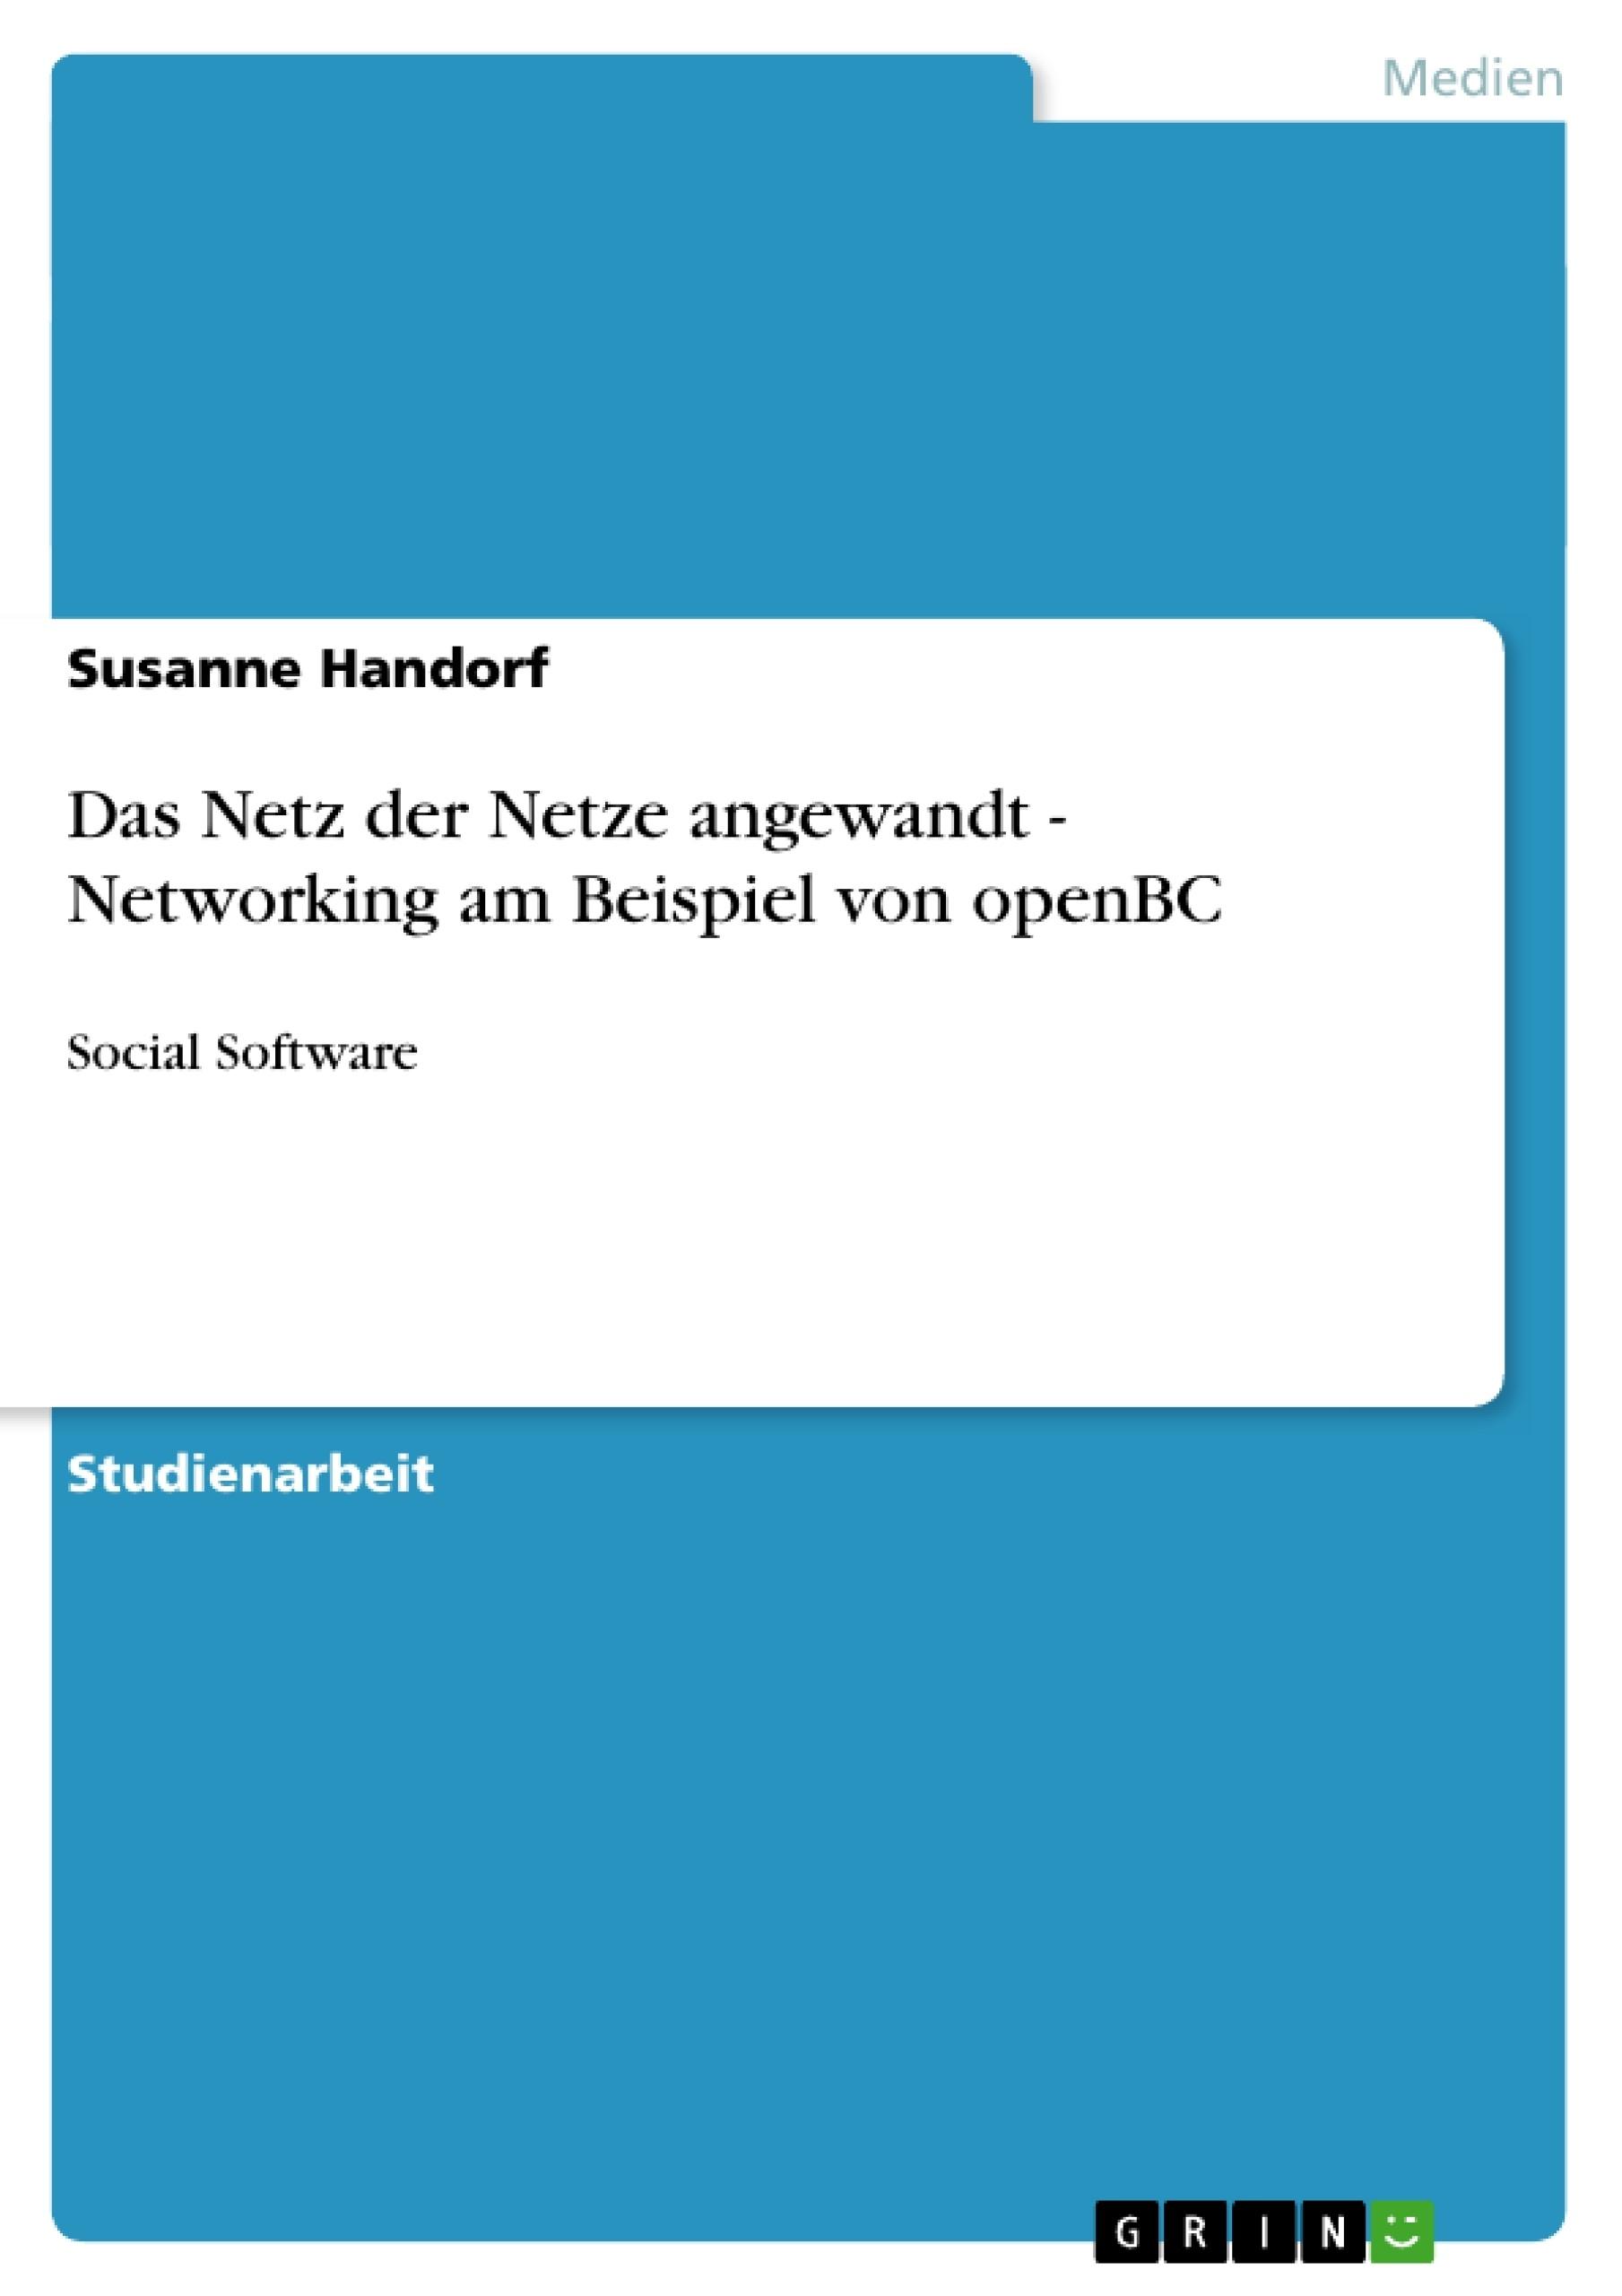 Titel: Das Netz der Netze angewandt - Networking am Beispiel von openBC